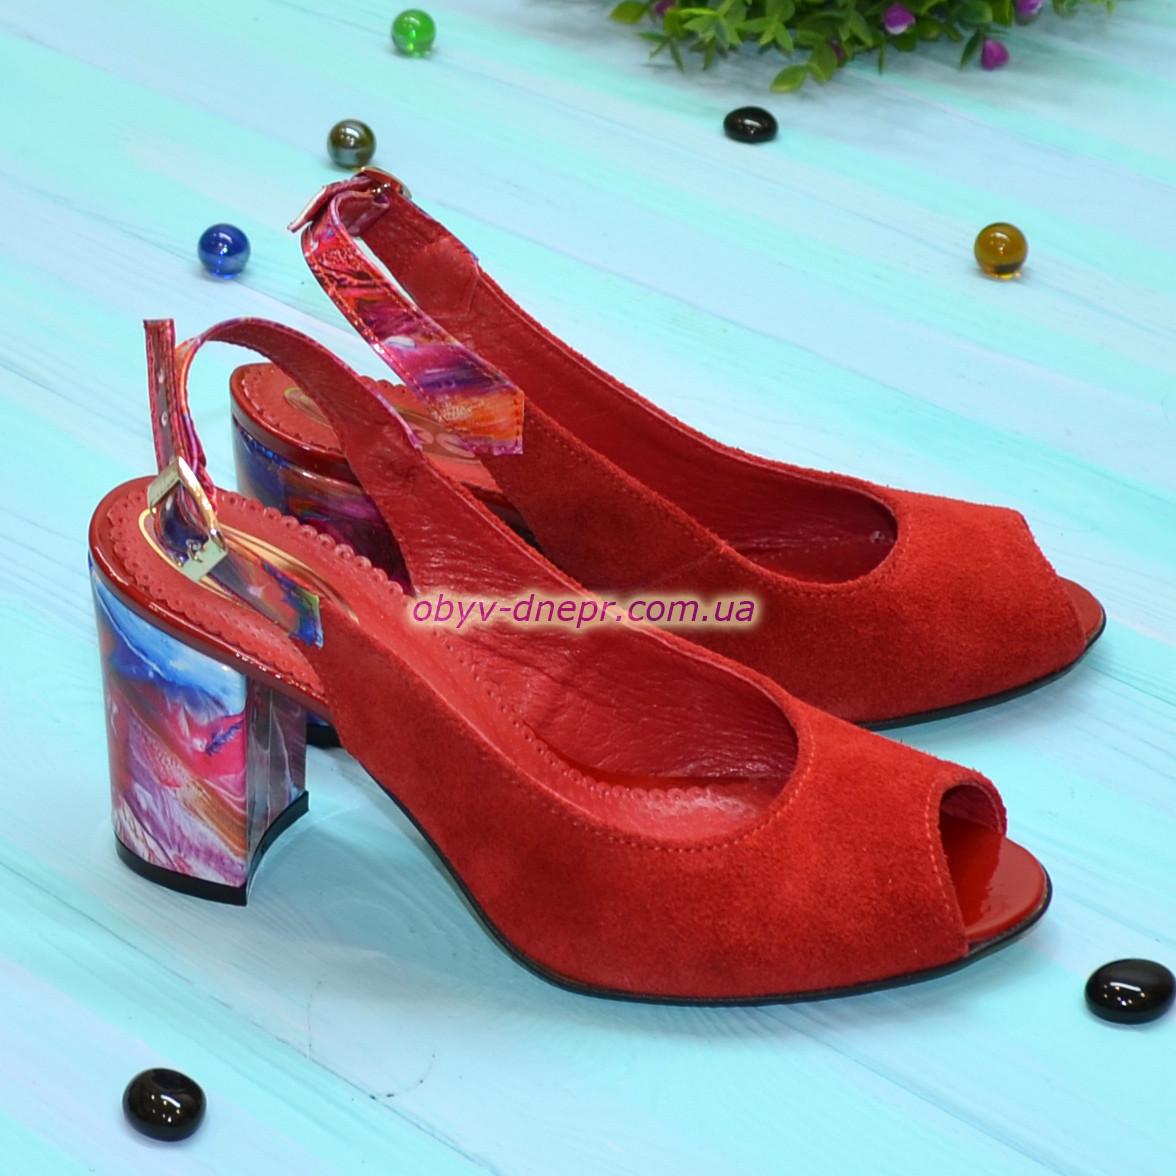 Женские замшевые босоножки на устойчивом высоком каблуке, цвет красный